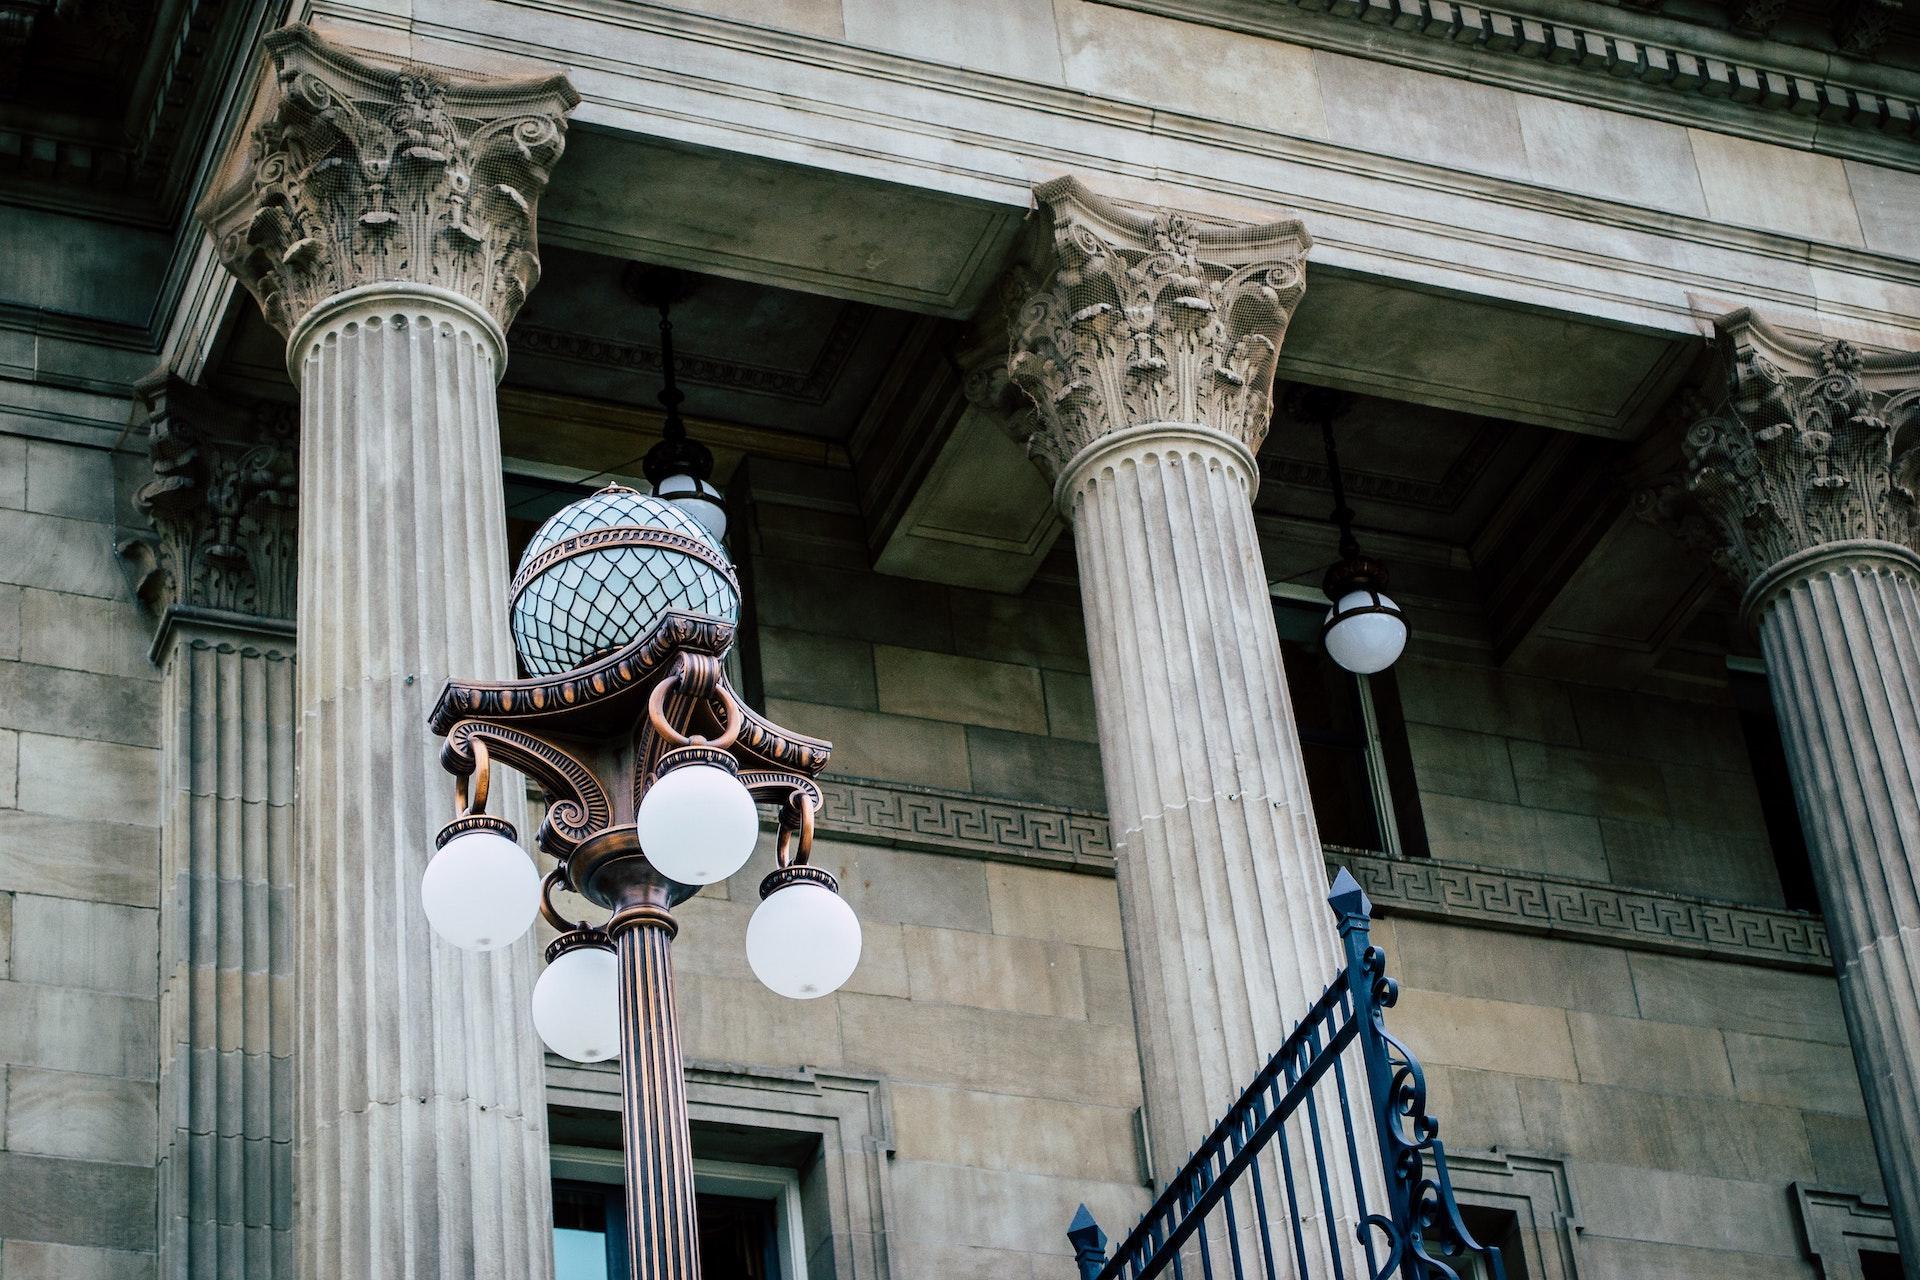 Strafrecht Gerichtsgebäude